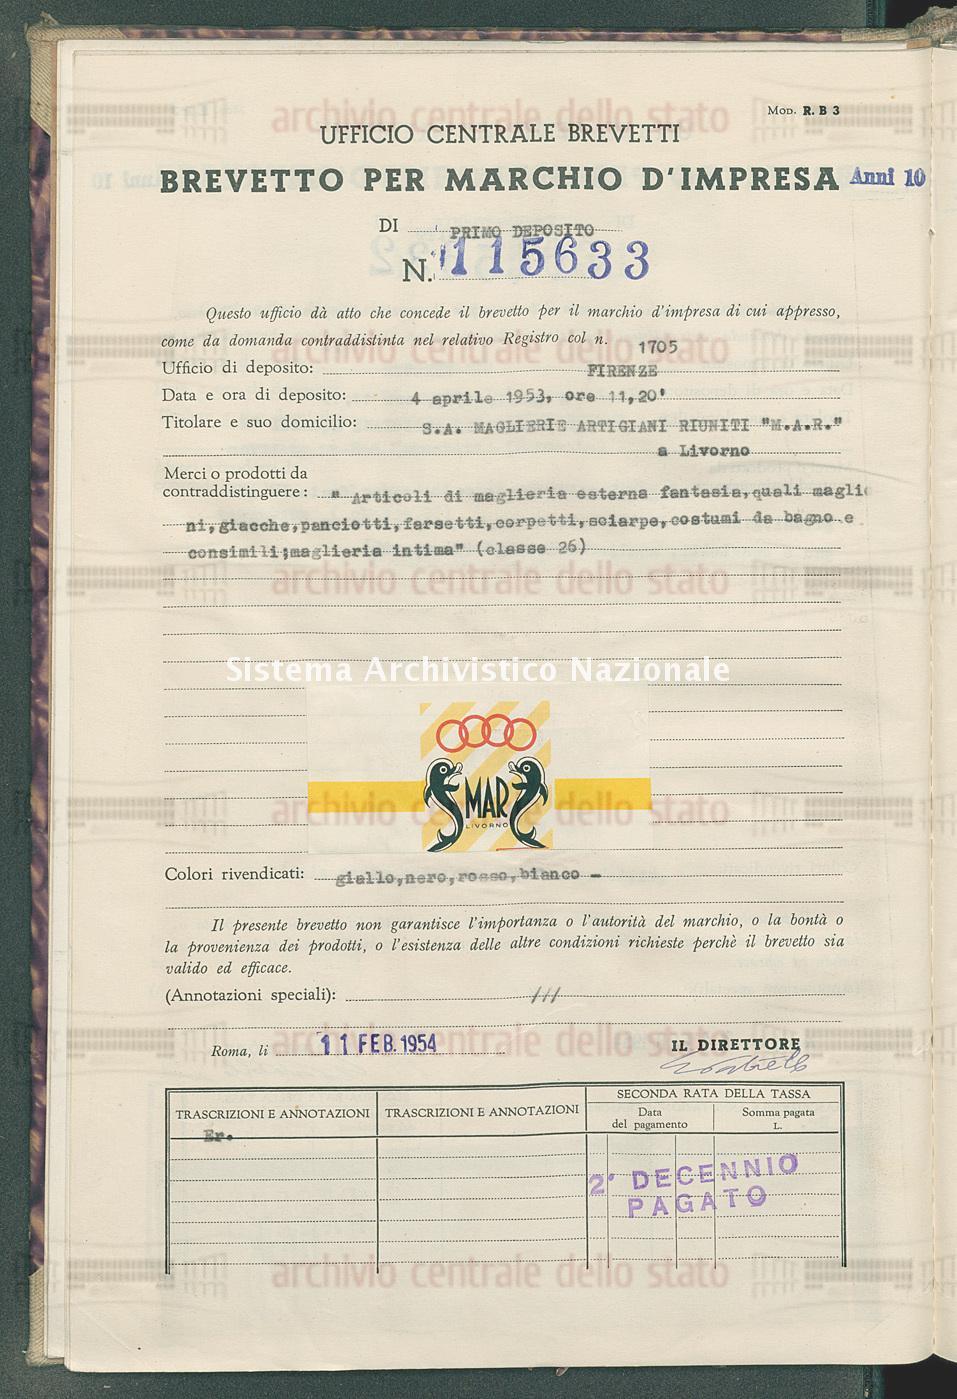 'Articoli di maglieria esterna fantasia, quali maglioni, giacche, ecc. S.A.Maglierie Artigiani Riuniti'M.A.R.' (11/02/1954)